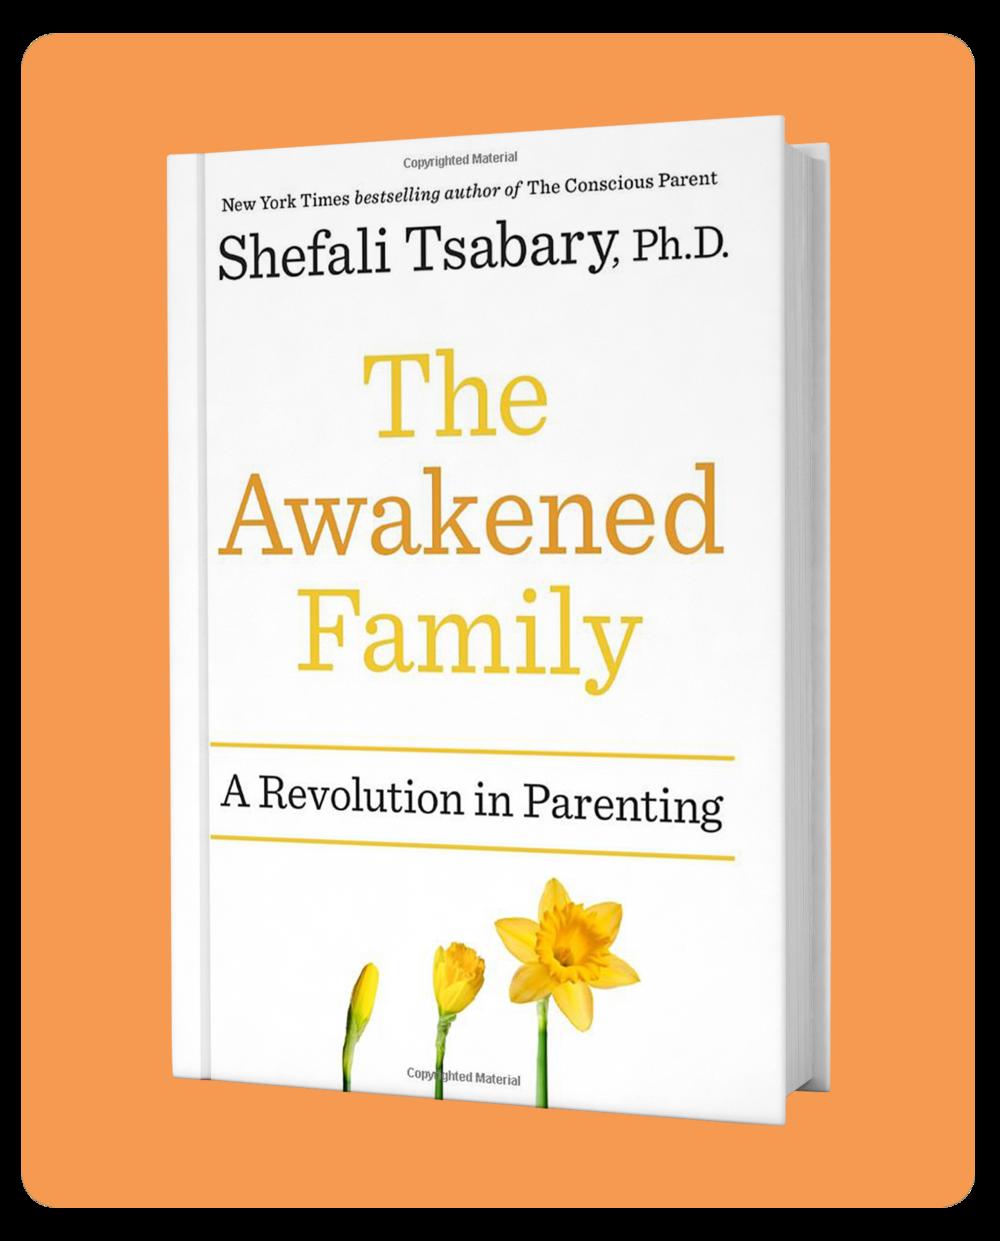 The_Awakened_Family_Cover_Original.jpg